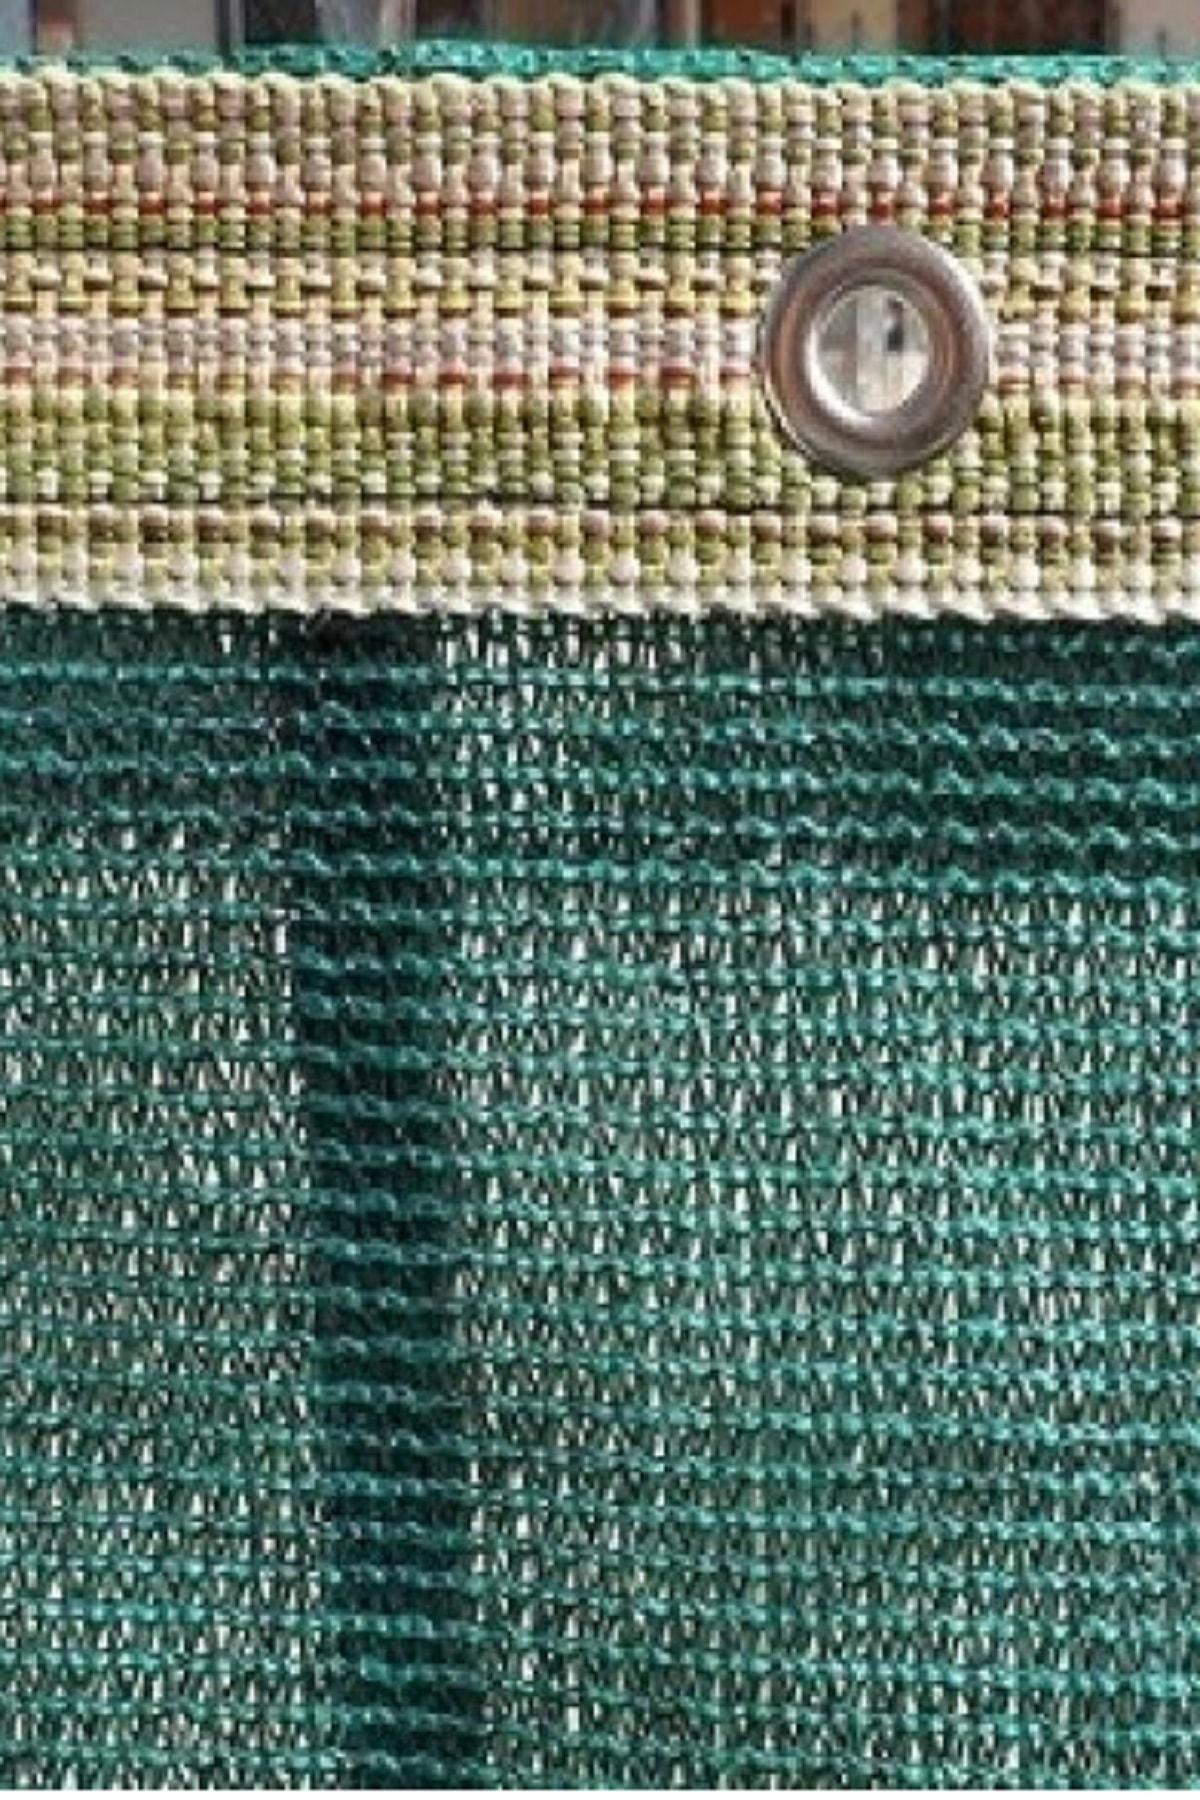 ÇUVAL SEPETİ Gölgelik File 1,5x5 Mt %95 Gölgelik Kumaş Gölgeleme Çit Örtüsü Yeşil Kuşgözlü + Kolonlu 1